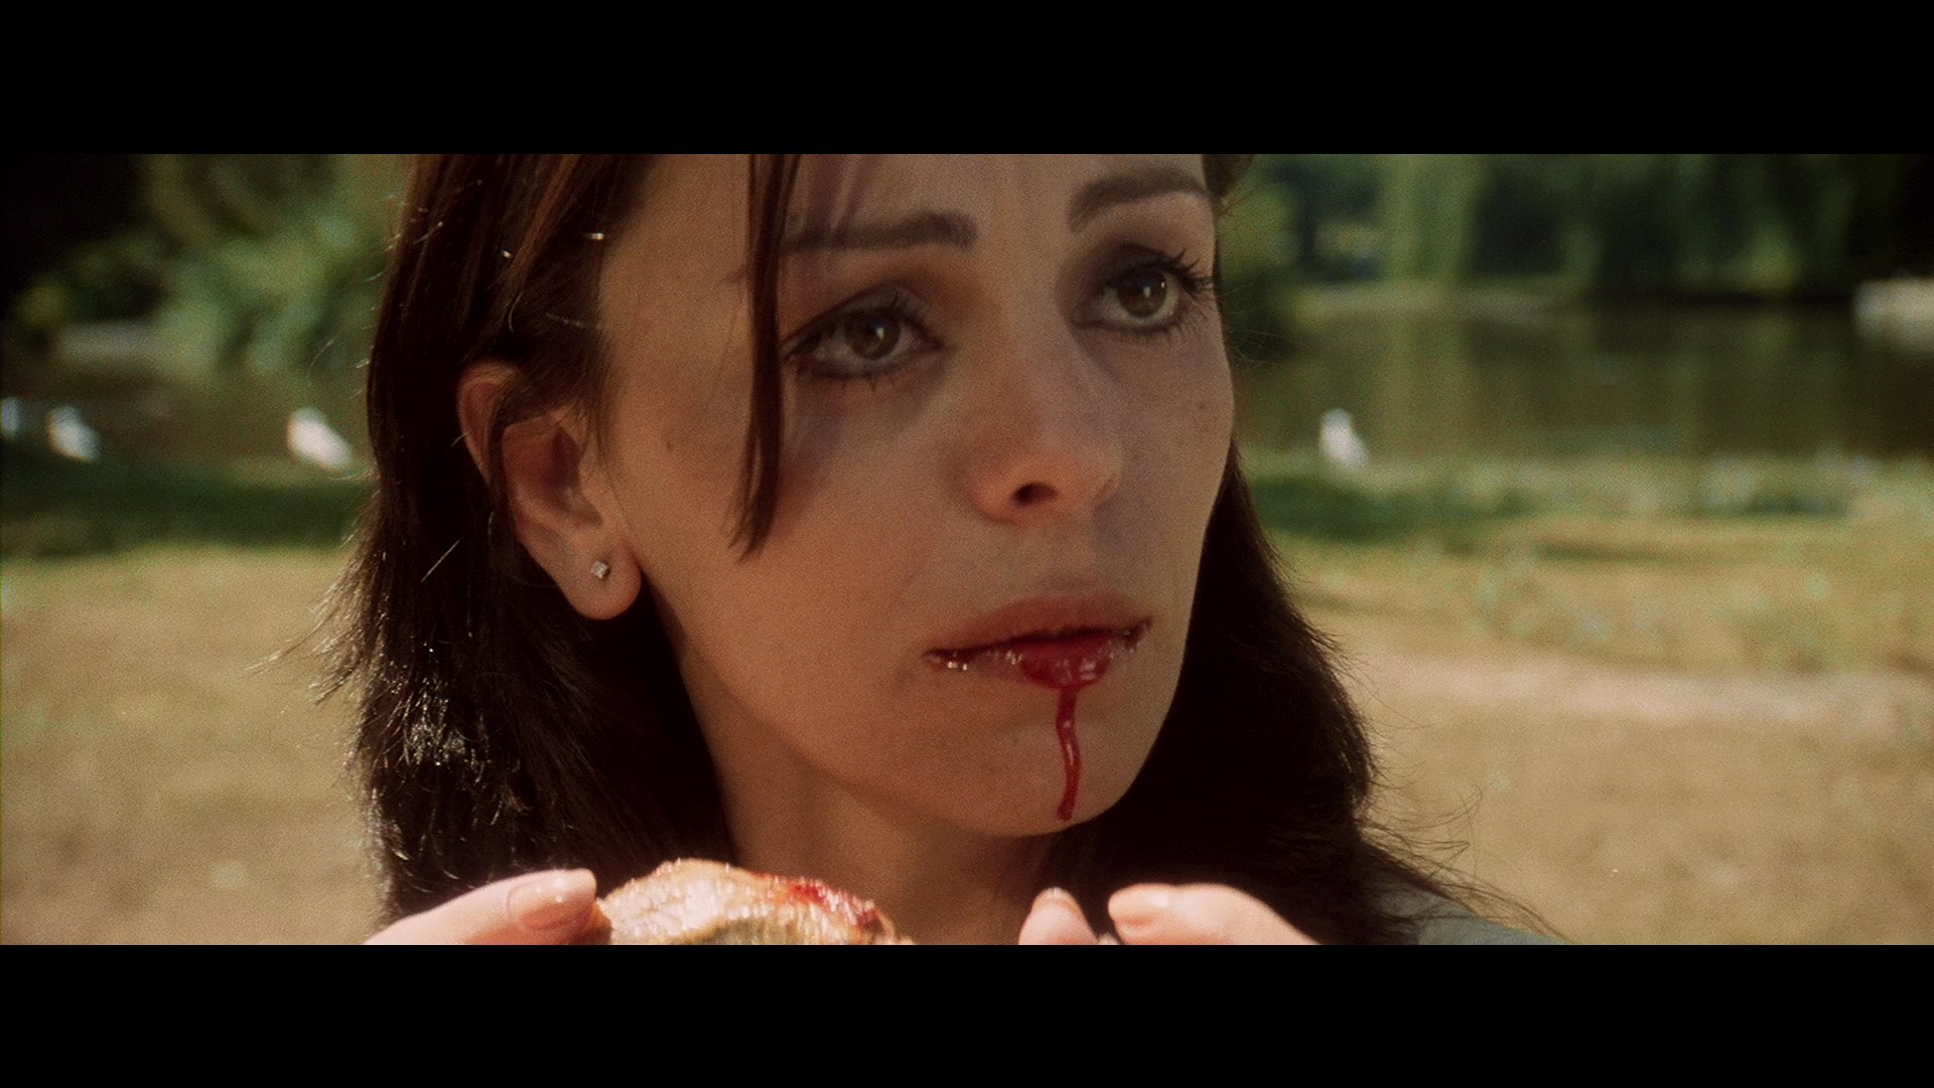 Thirst vampire movie